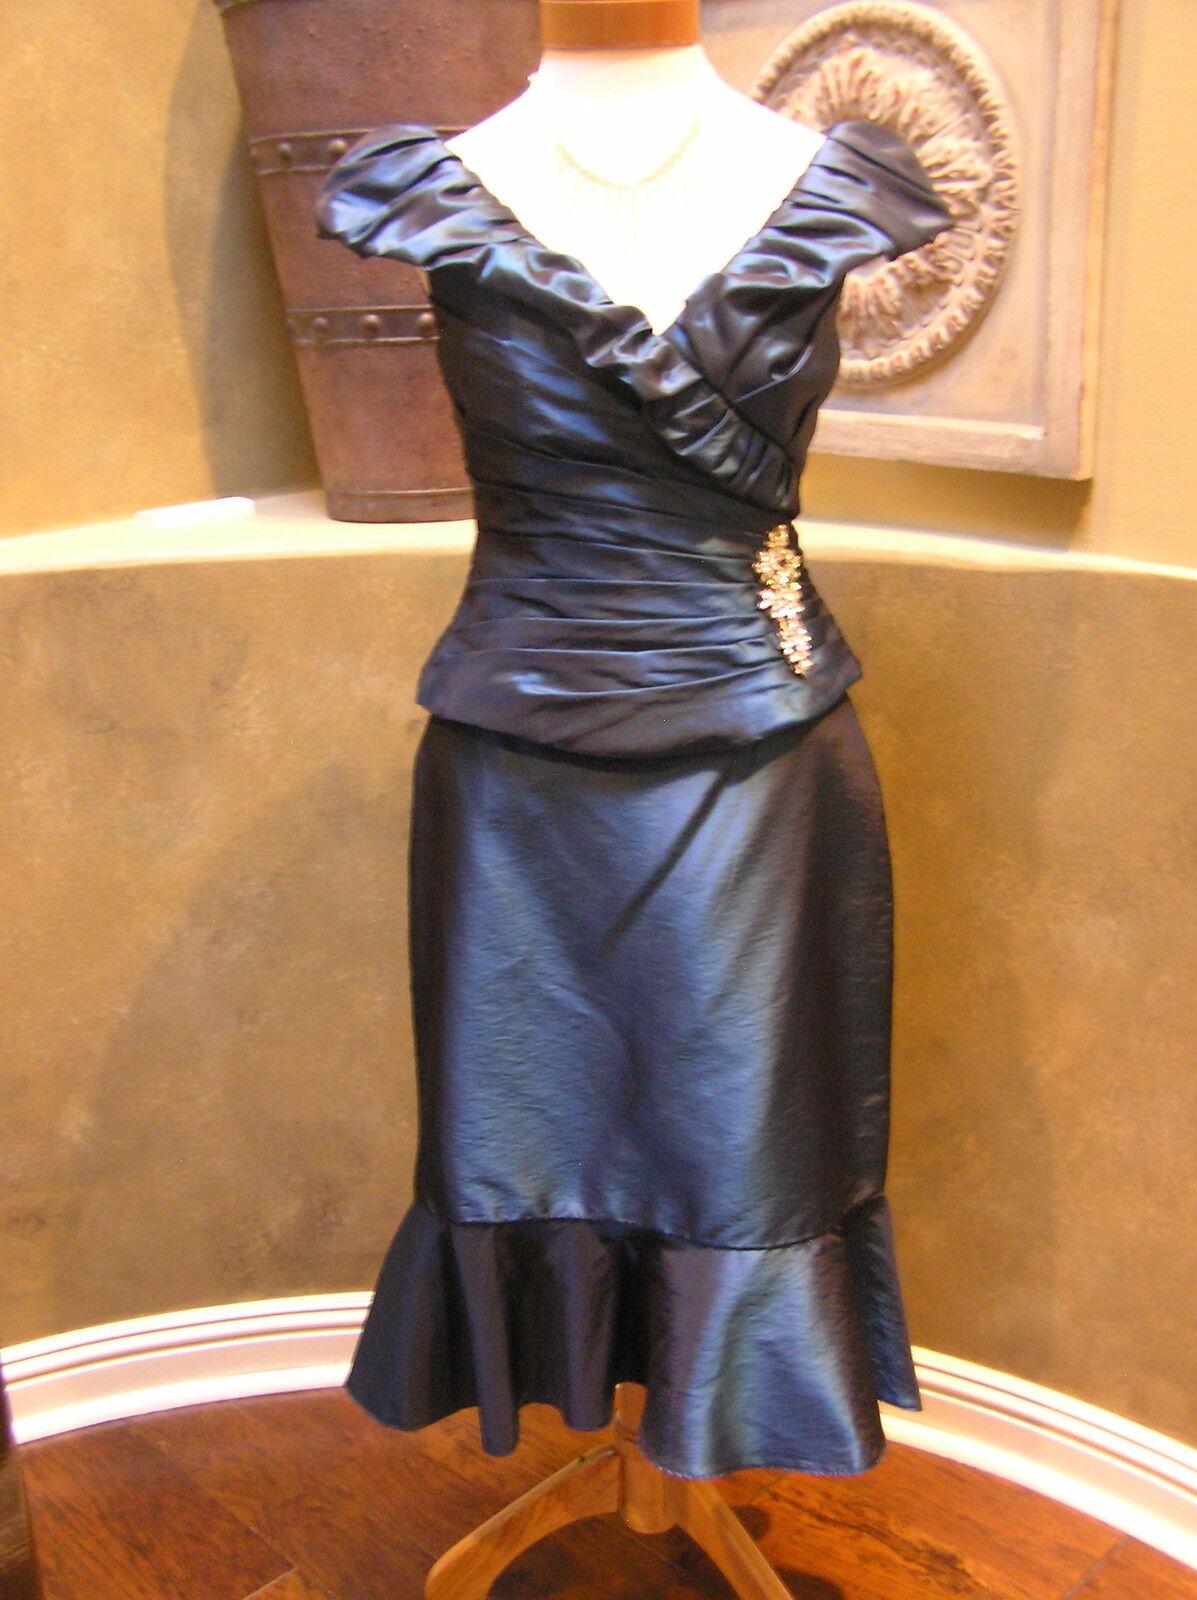 NWOT Jade by Jasmine MOB evening formal social cocktail dress 2